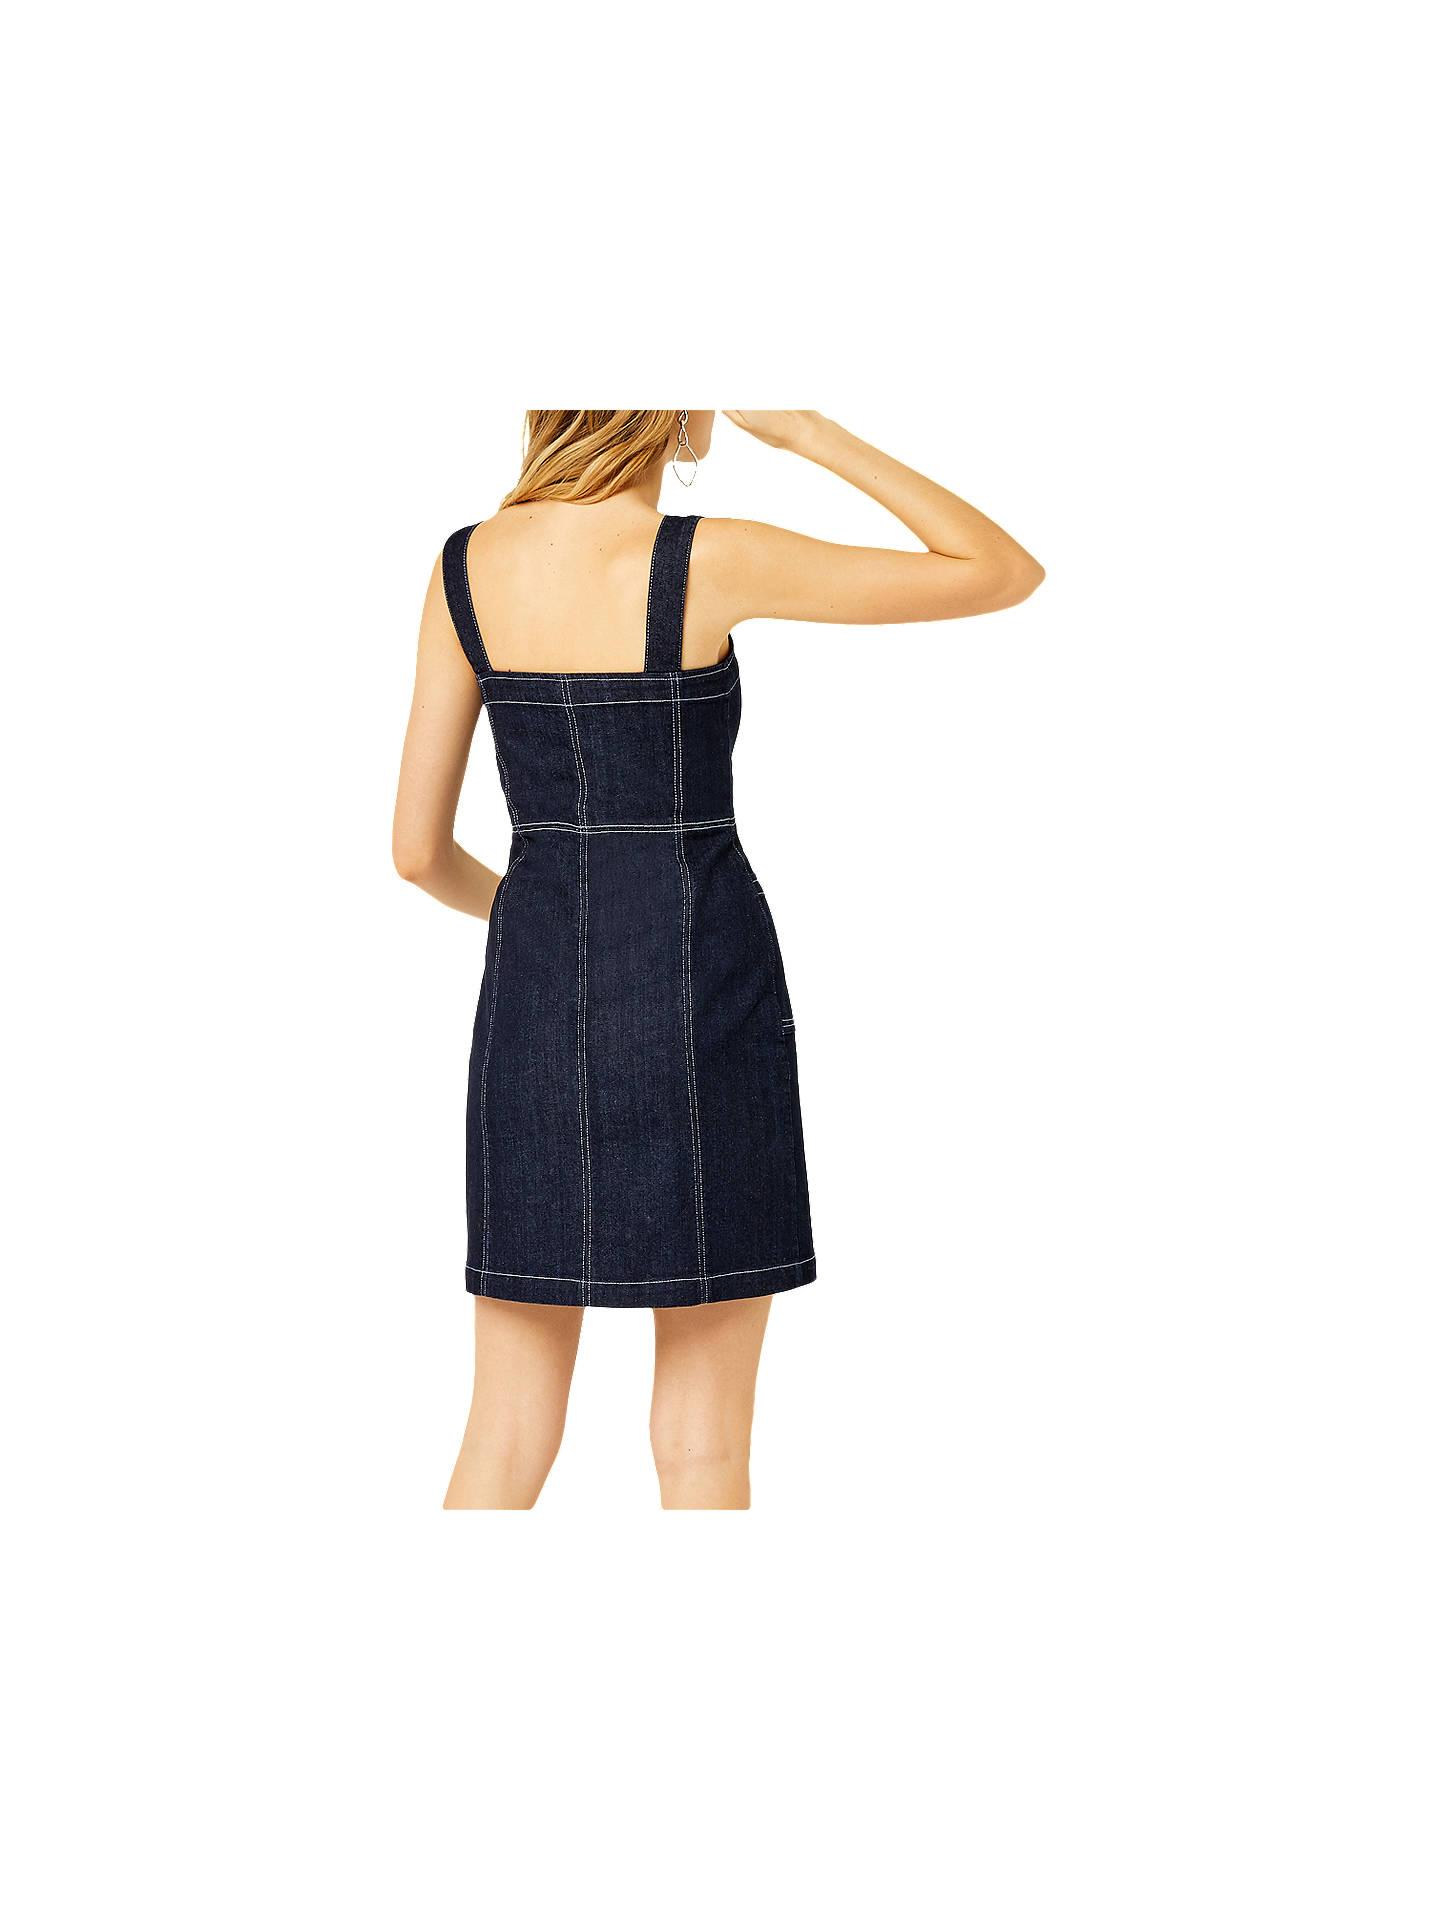 18410489c09 Buy Warehouse Zip Front Bodycon Dress